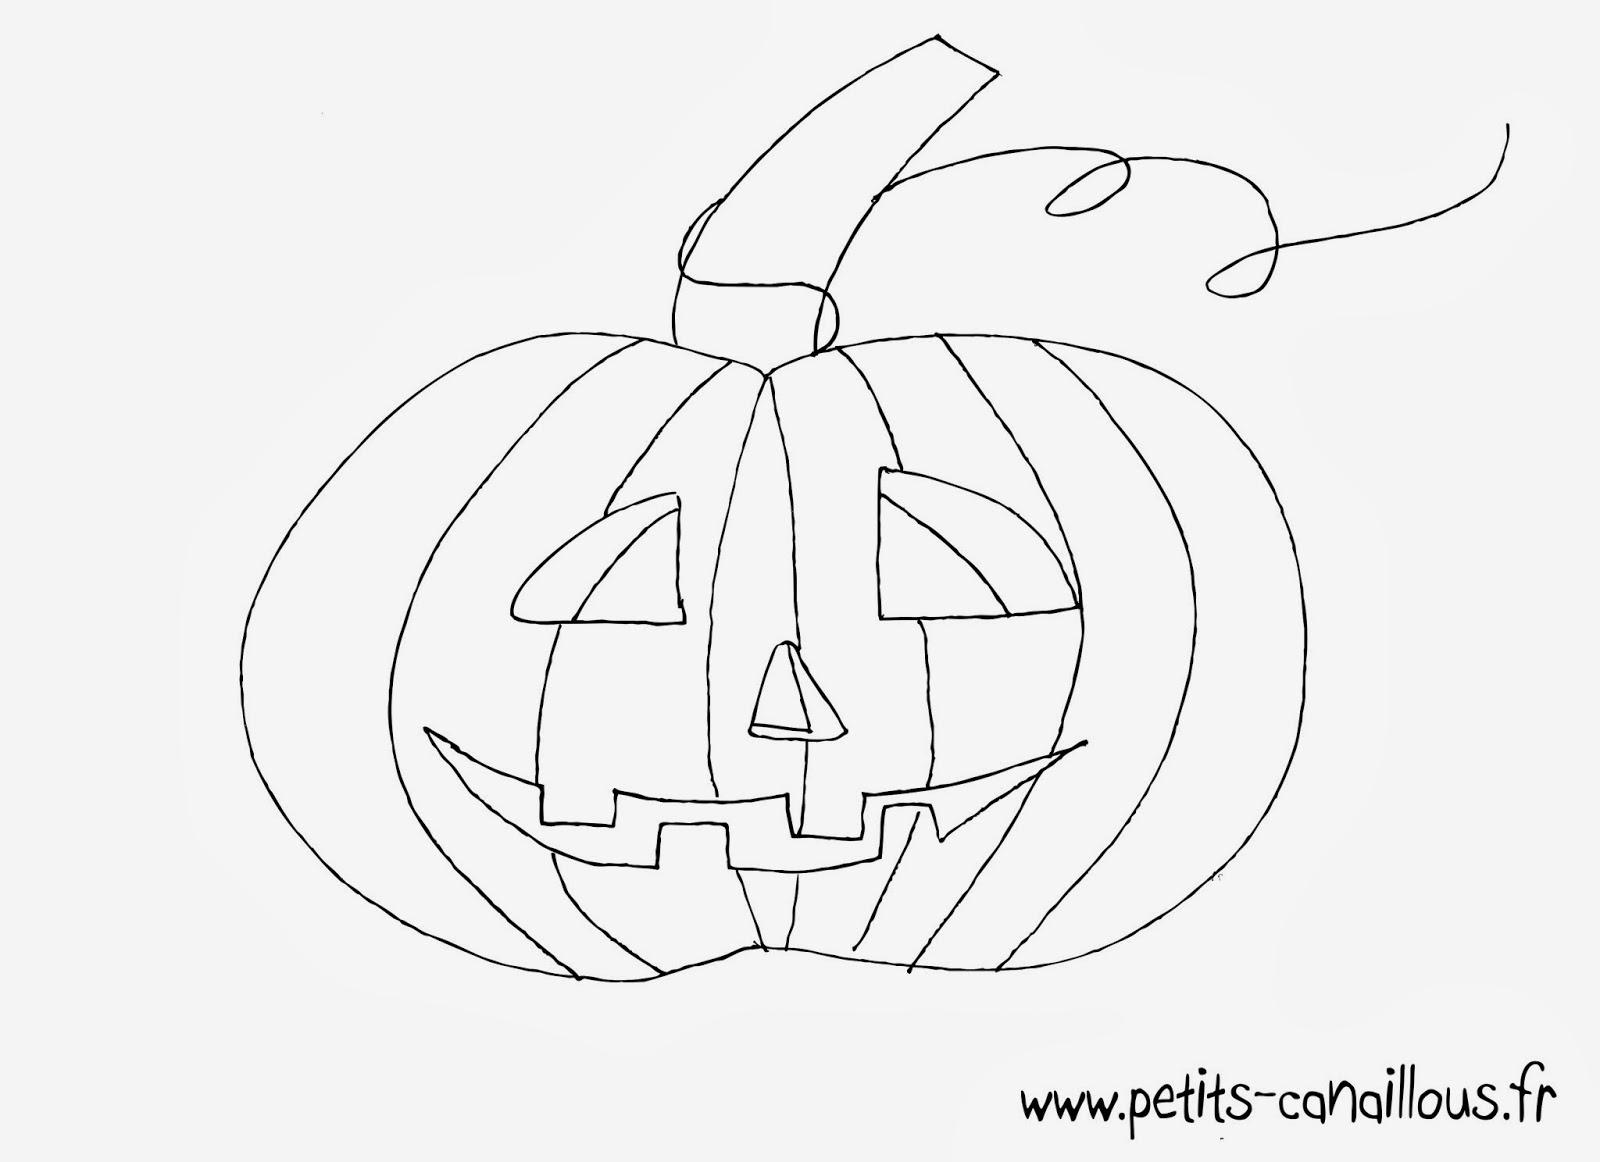 Coloriage À Imprimer Gratuit: Coloriage Citrouille Halloween dedans Dessin Halloween Citrouille A Imprimer Gratuit